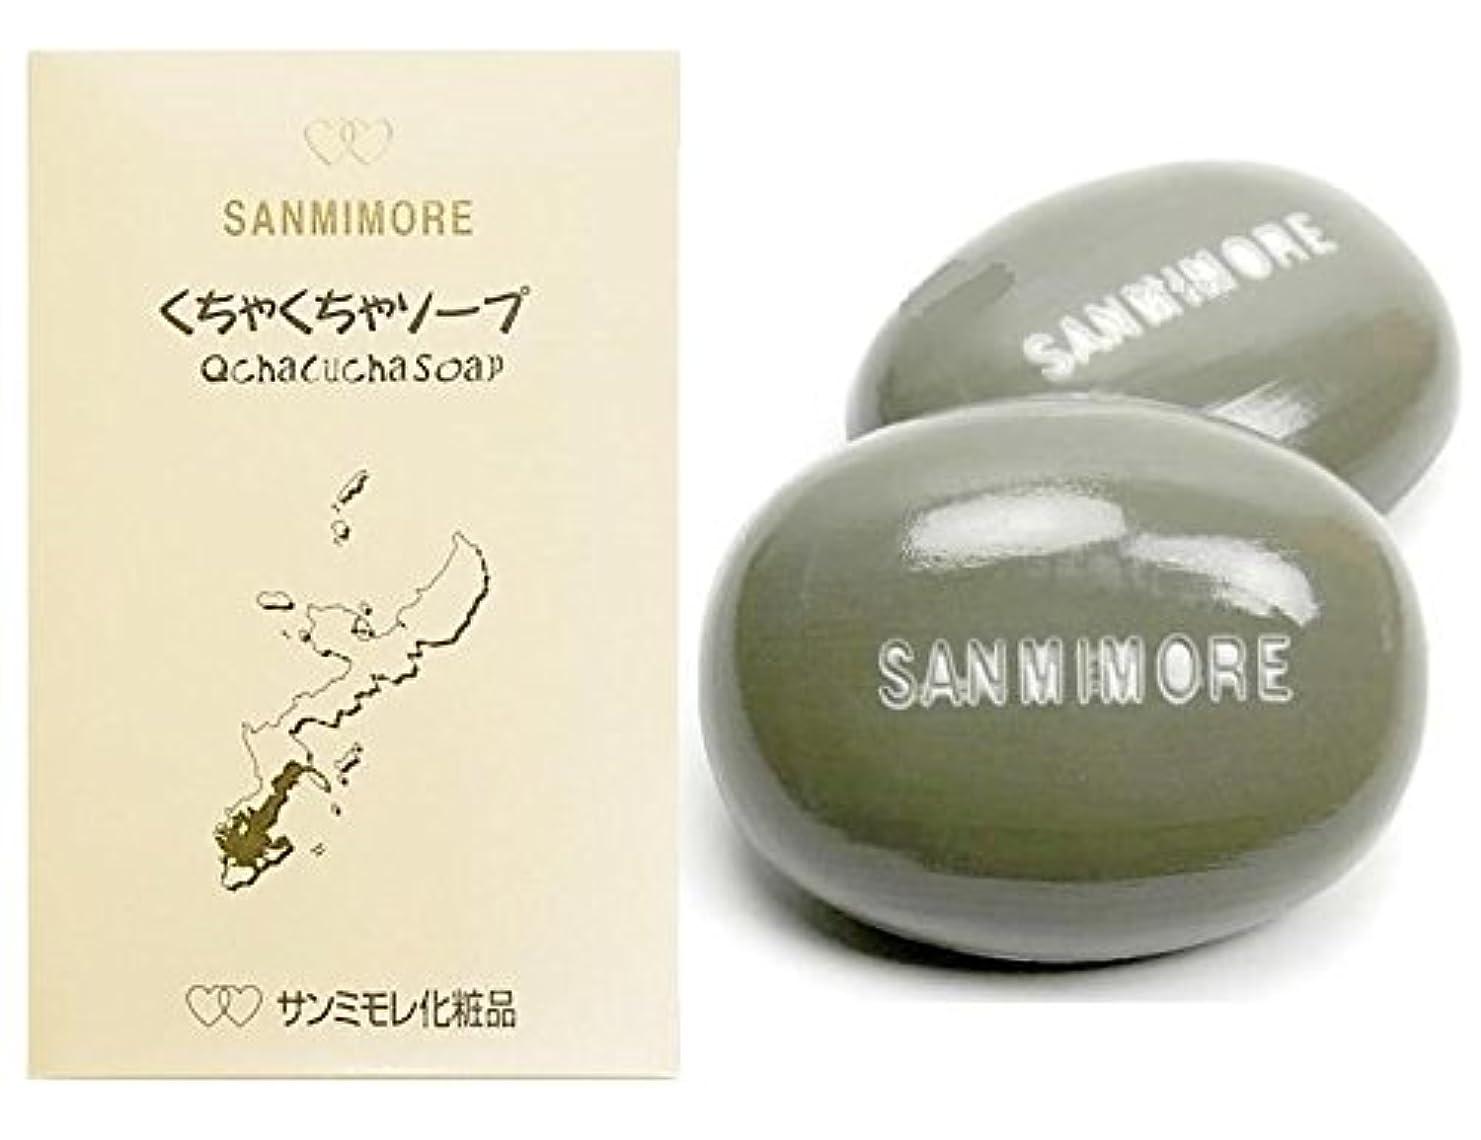 フラグラント唇屋内でSANMIMORE(サンミモレ化粧品) くちゃくちゃソープ75g×2個 サンミモレ ベール専用石鹸